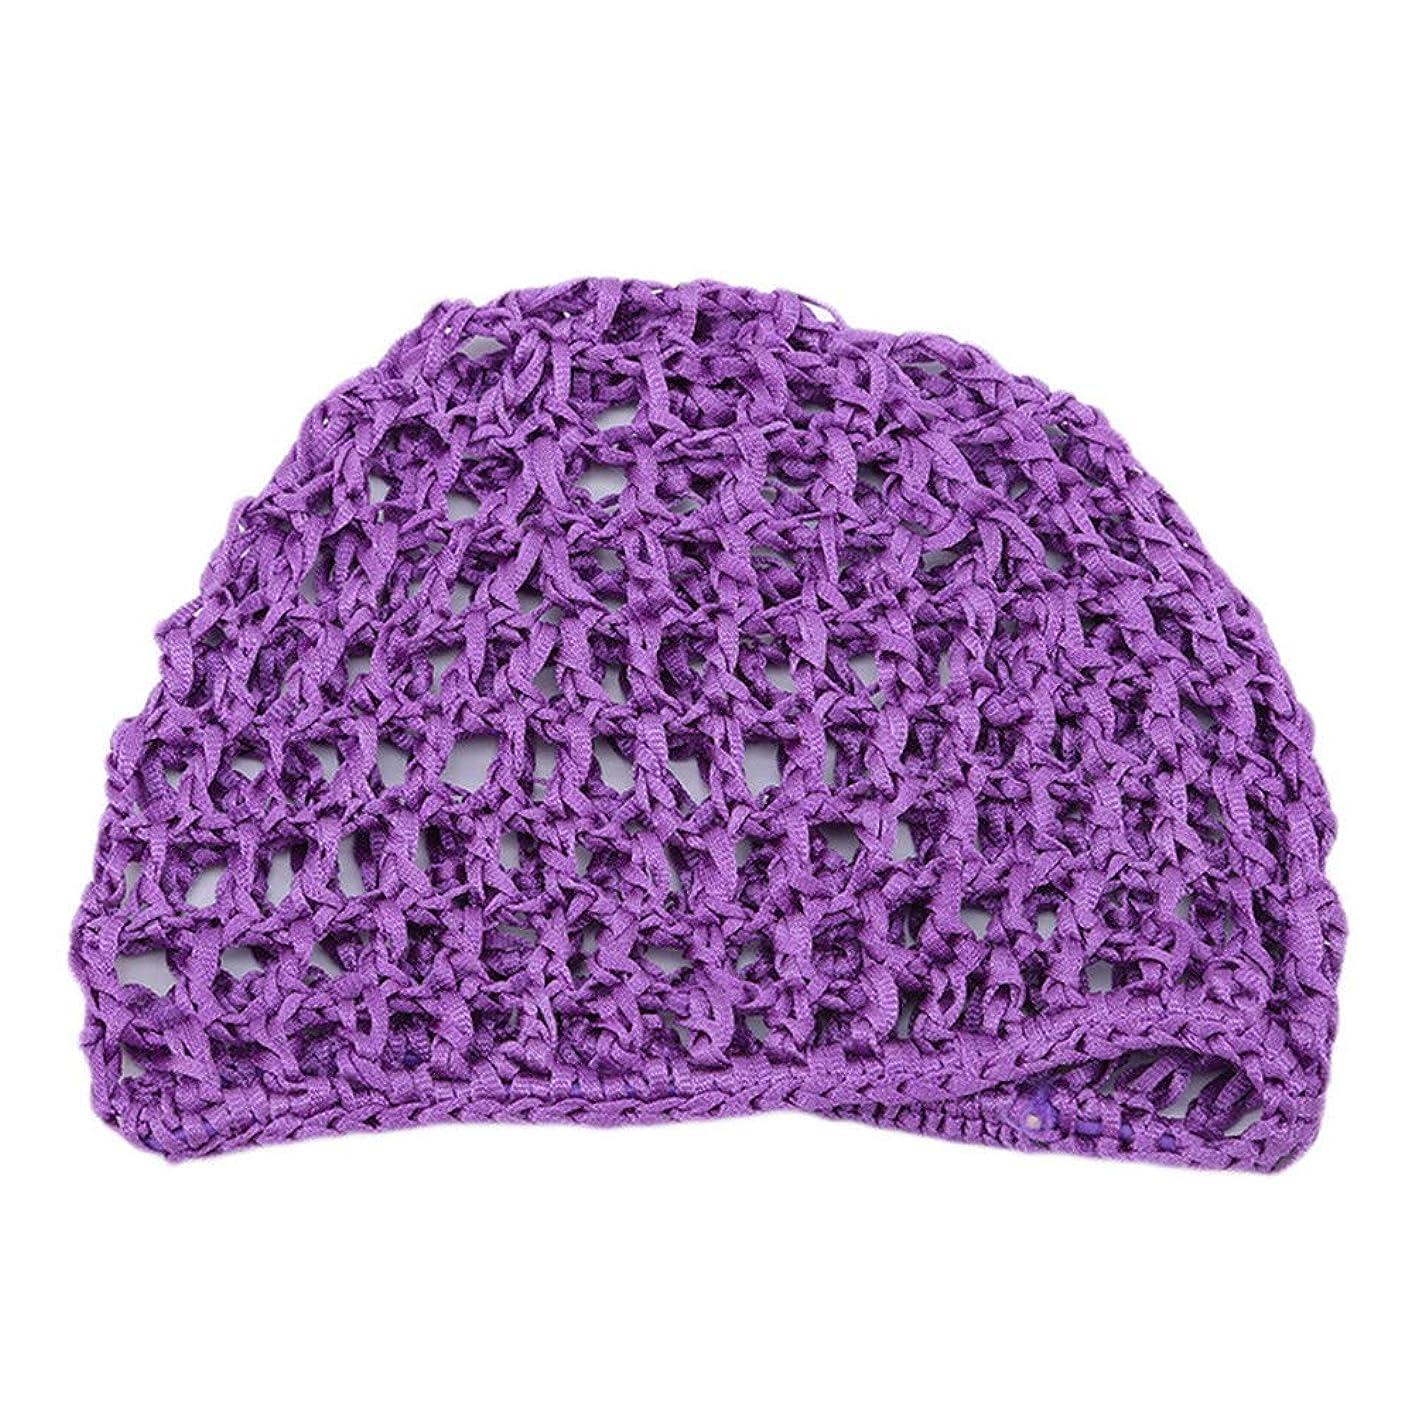 ミシンペック危険LJSLYJ 女性の手かぎ針編みの髪の編まれた髪のネットアクセサリー弾性髪のネットキャップスリーピングキャップ、紫色